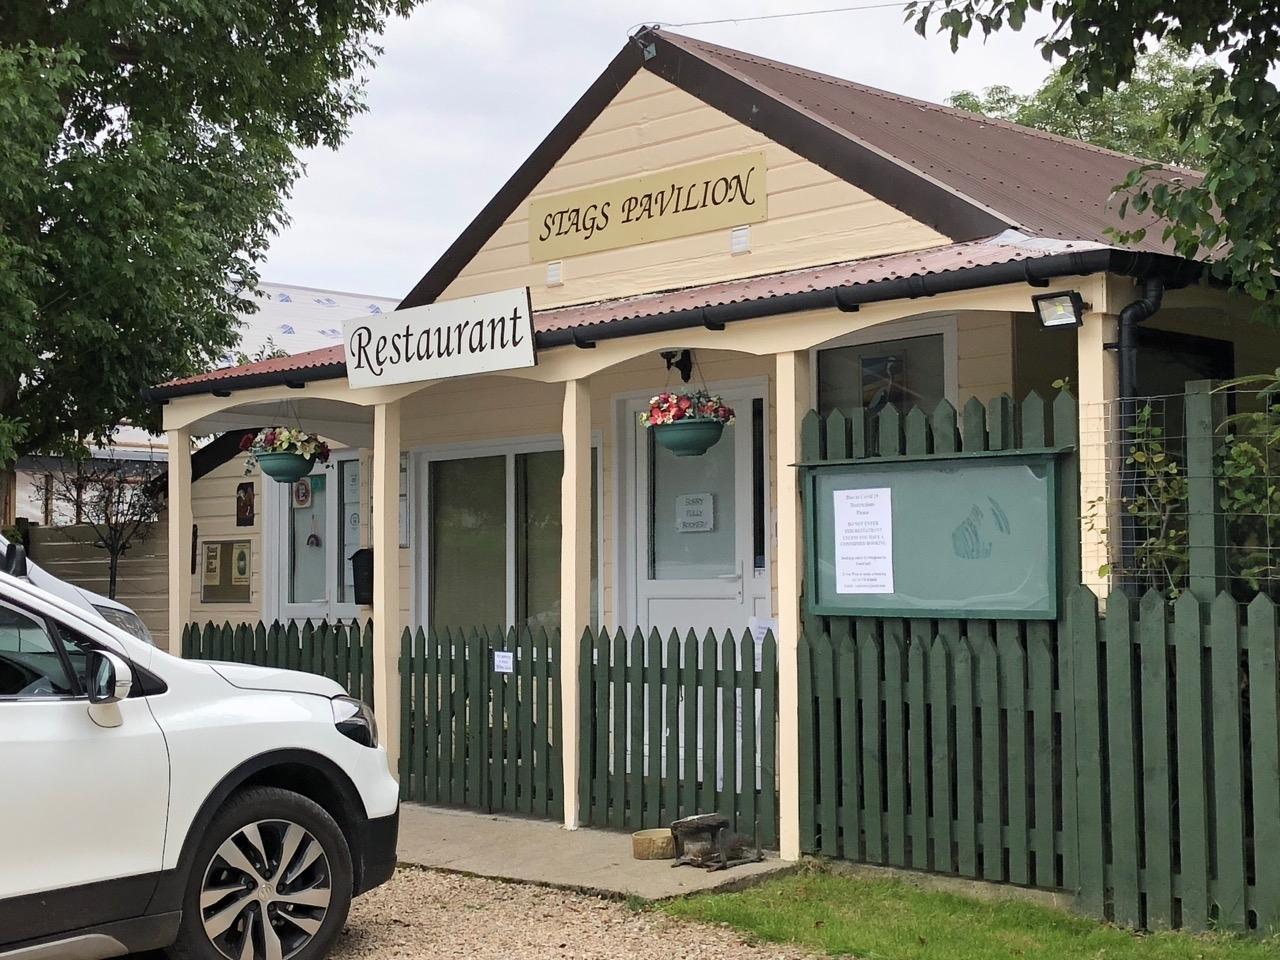 Stags Pavilion